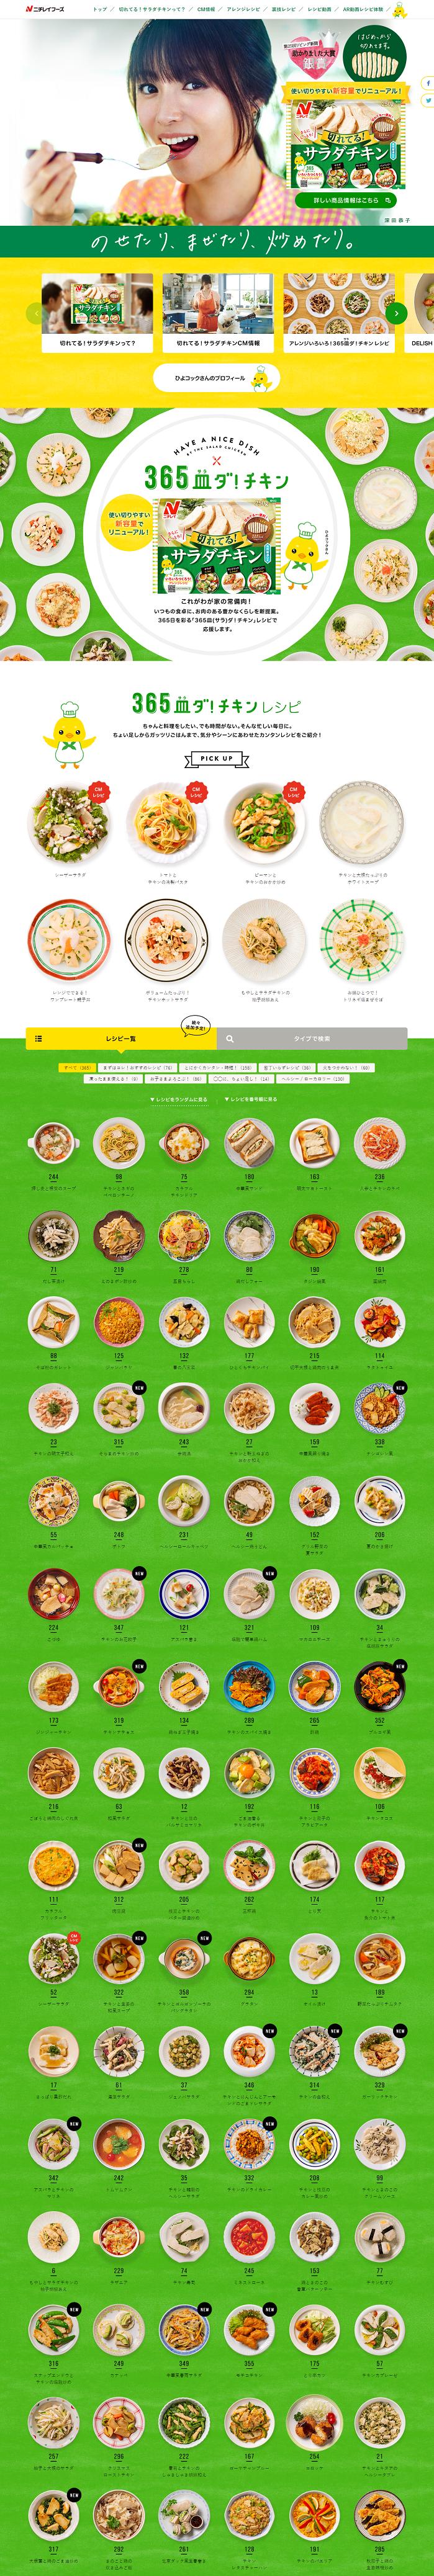 ニチレイフーズ サラダチキン